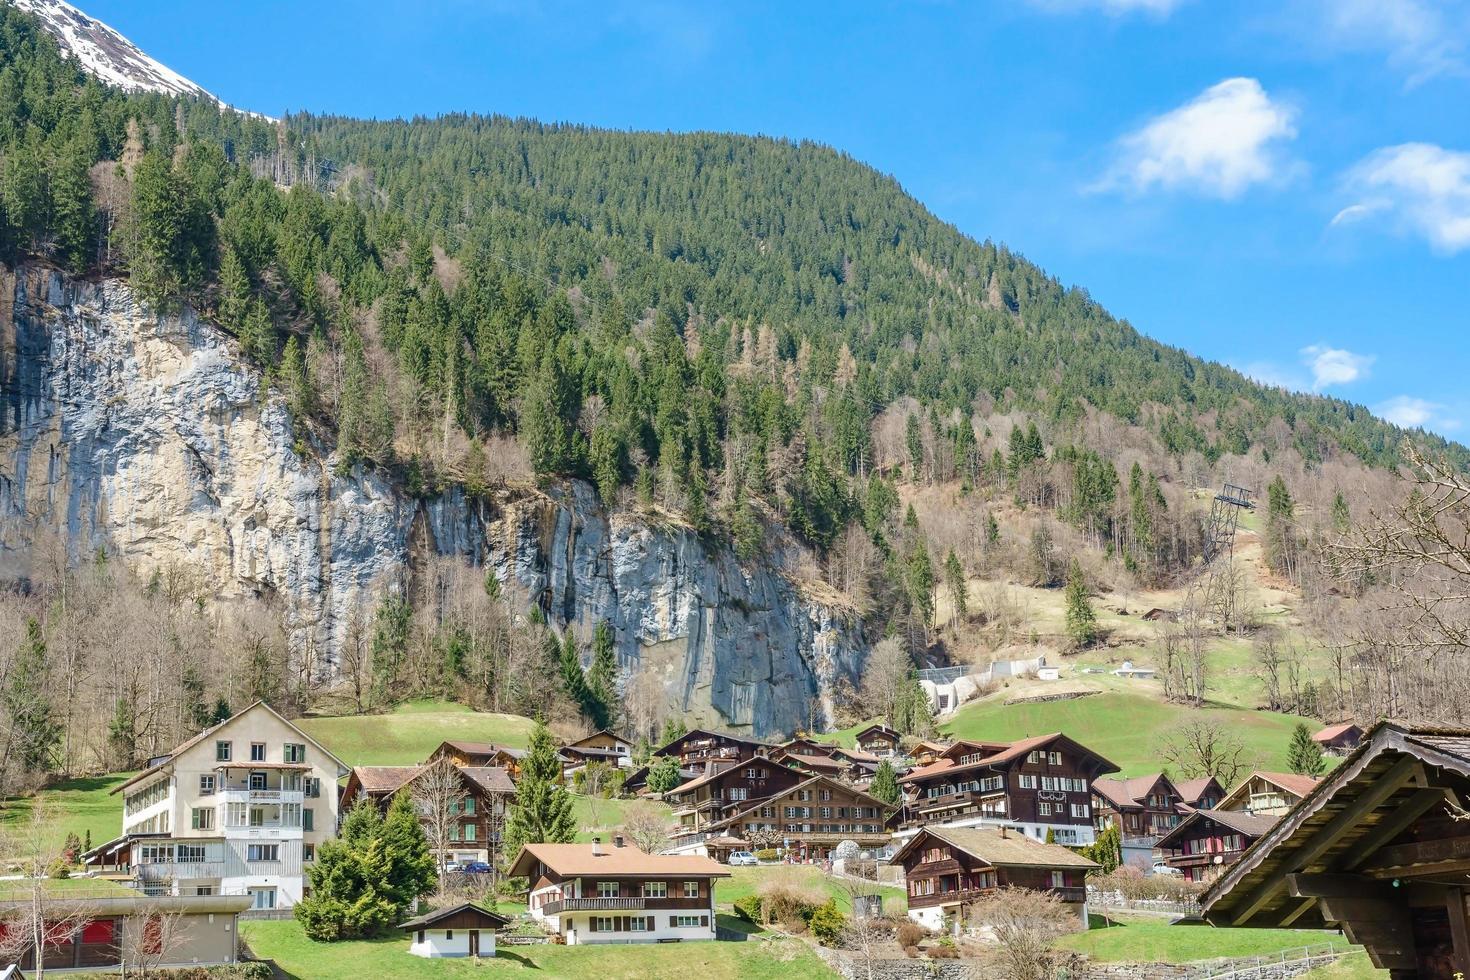 chalet tradizionali nella valle di lauterbrunnen, berner oberland, svizzera foto